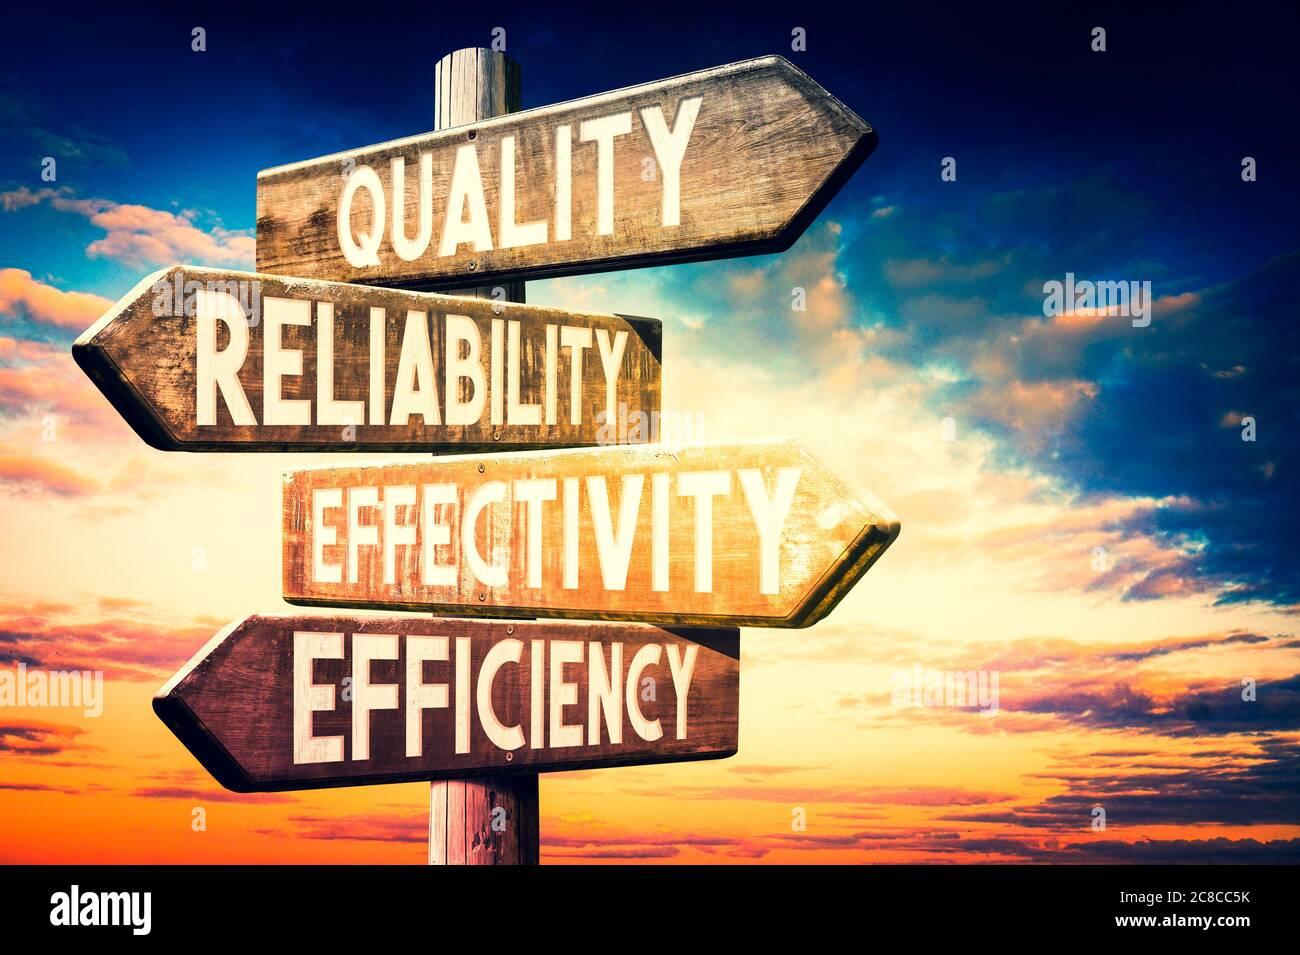 Qualität, Zuverlässigkeit, Effektivität, Effizienz - Holzschild, Wegweiser mit vier Pfeilen Stockfoto